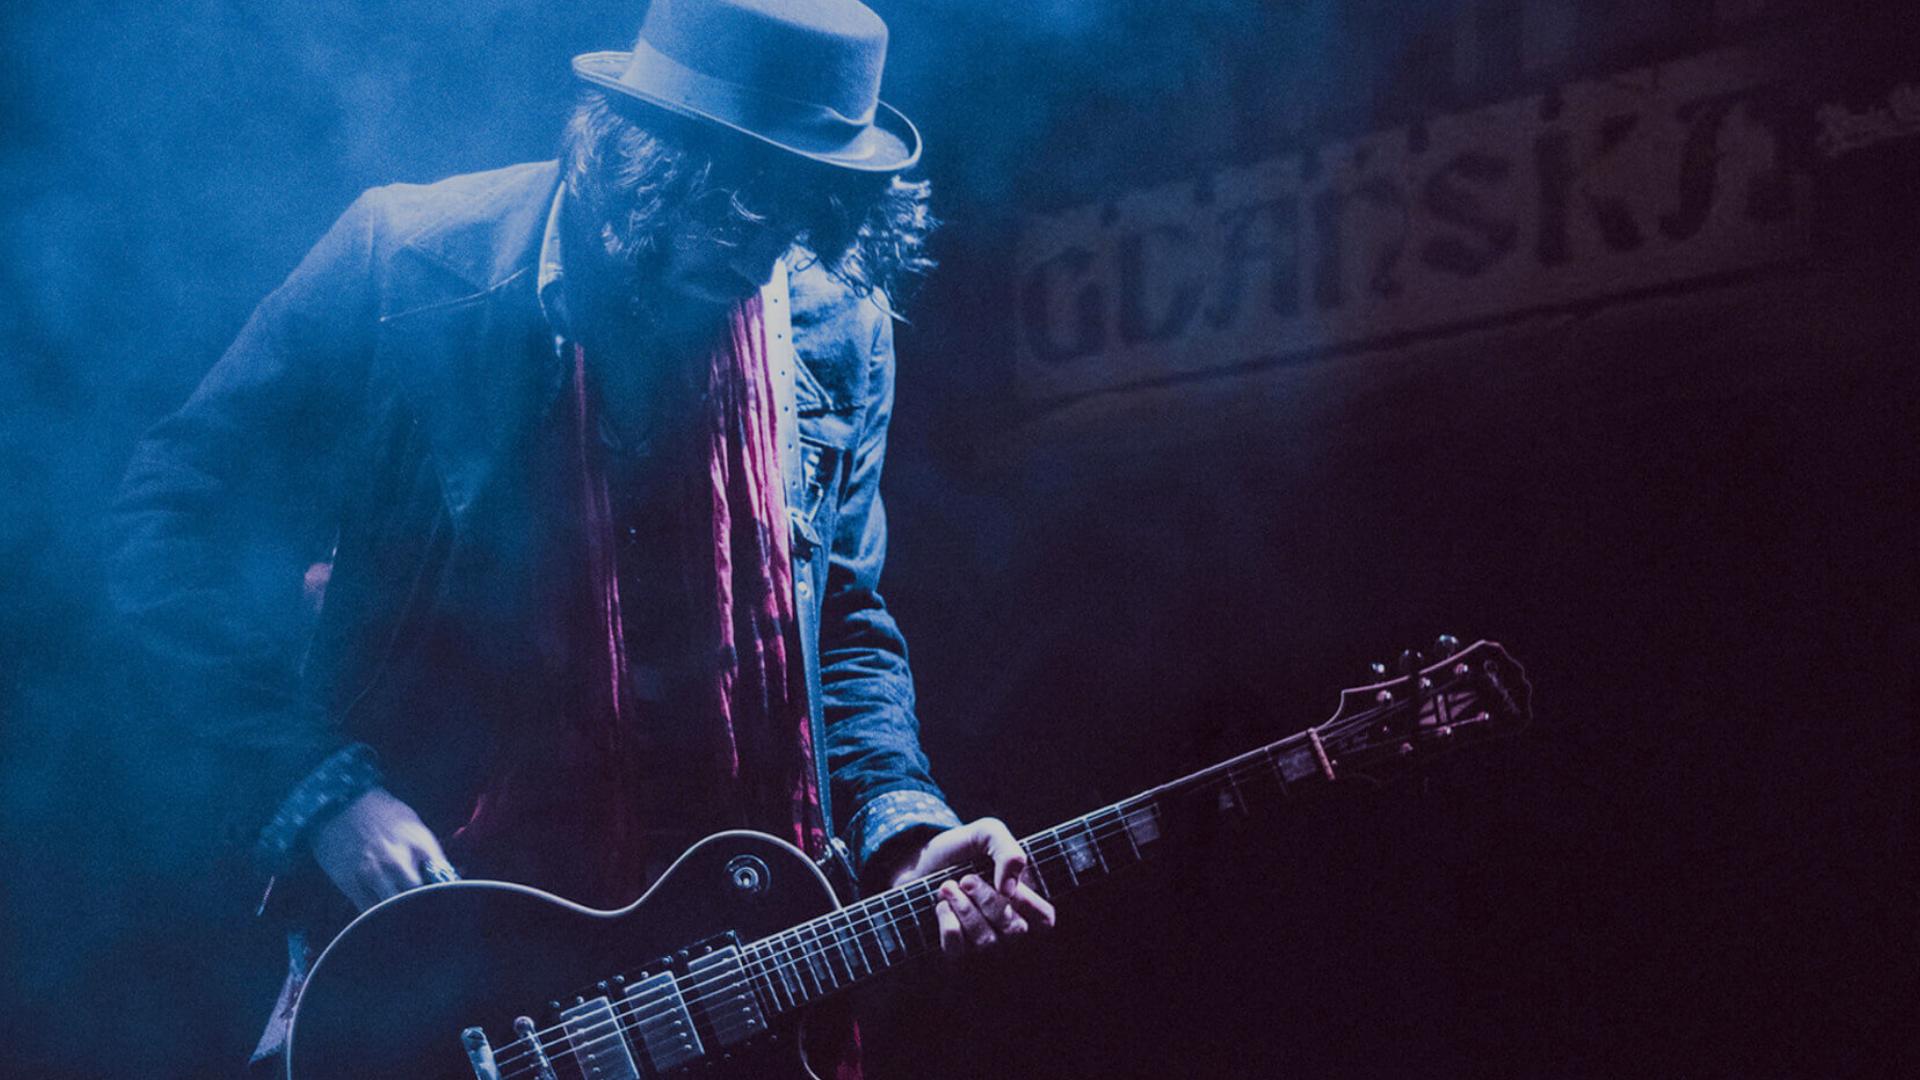 Permalink to: ABGESAGT – Guitar Festival Oberhausen 2020